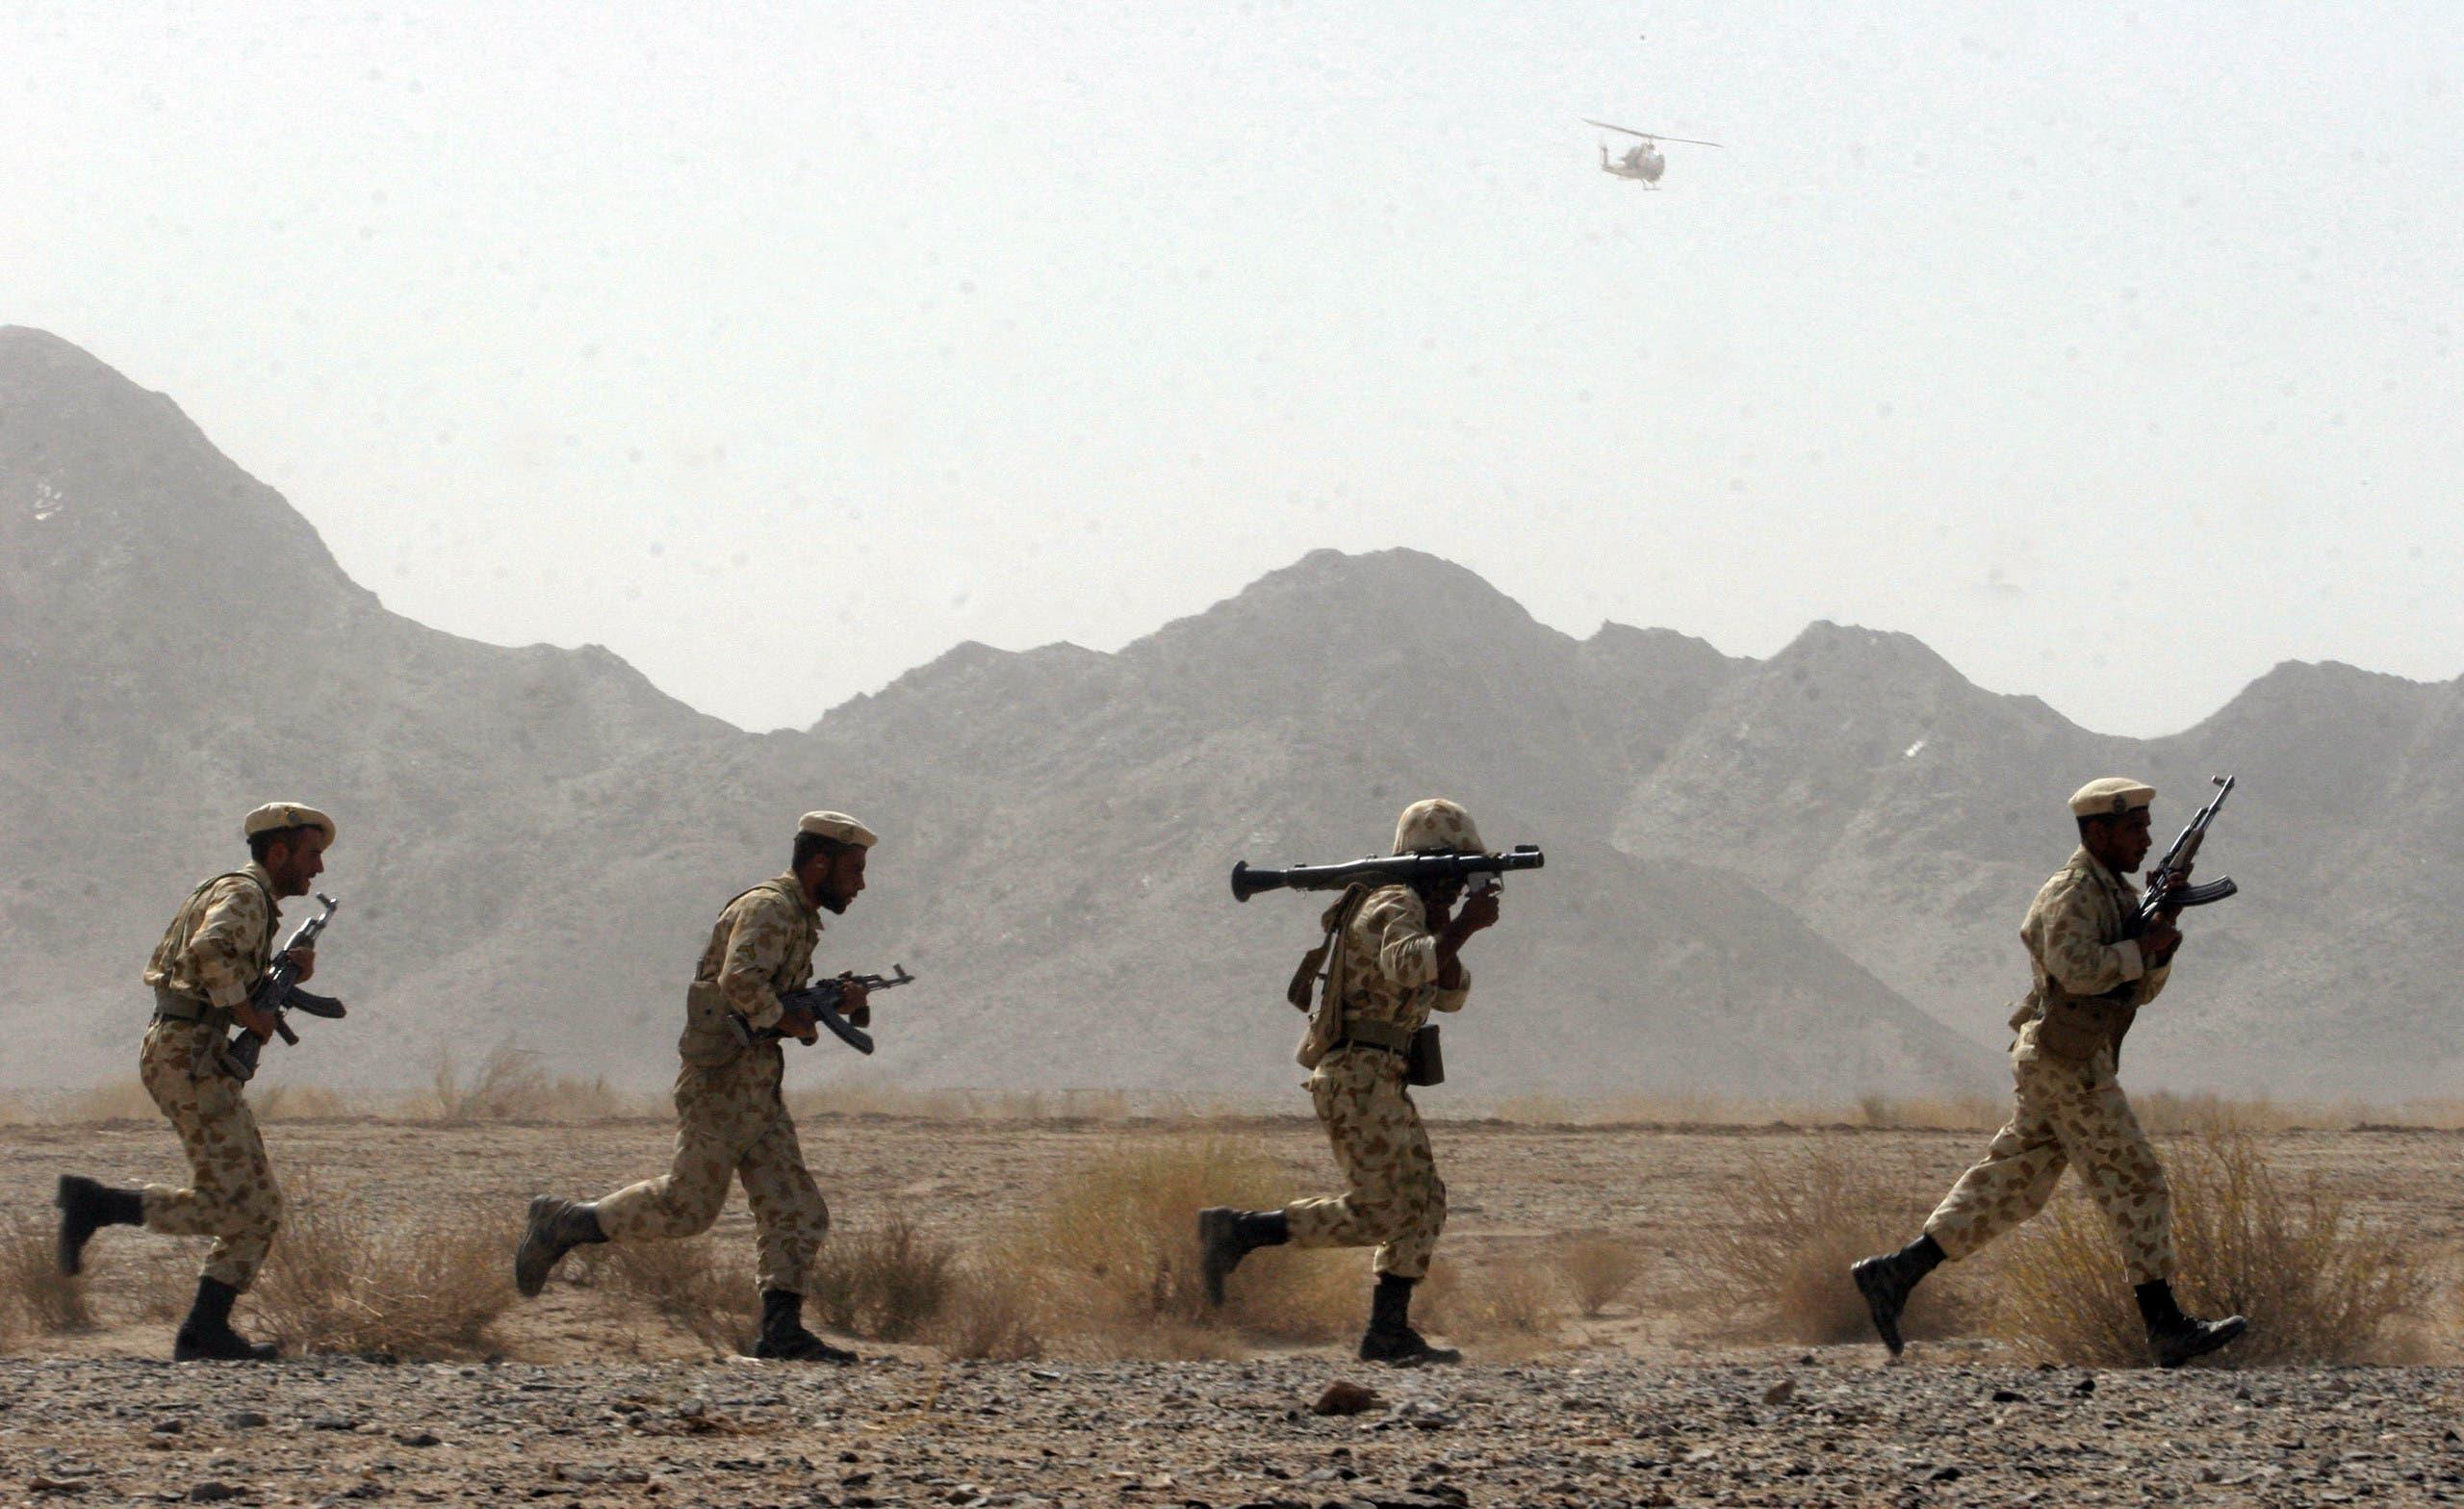 قوات أمن إيرانية في بلوشستان (أرشيفية)